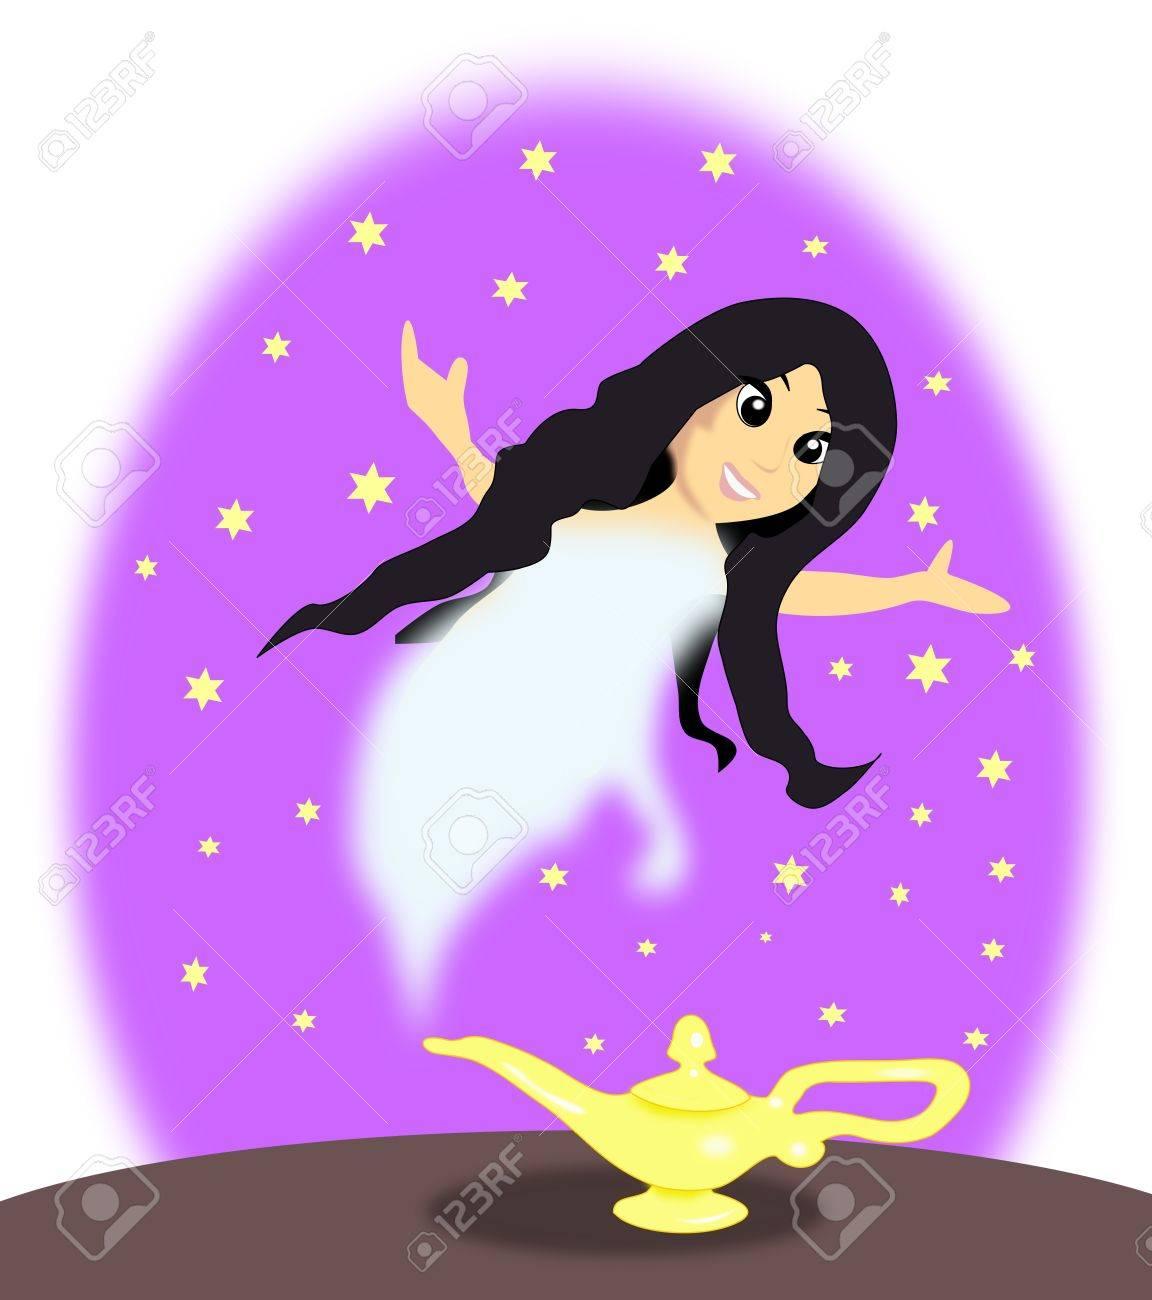 Lampe Magique D Aladdin Avec Un Genie Femelle Sur Un Fond Violet